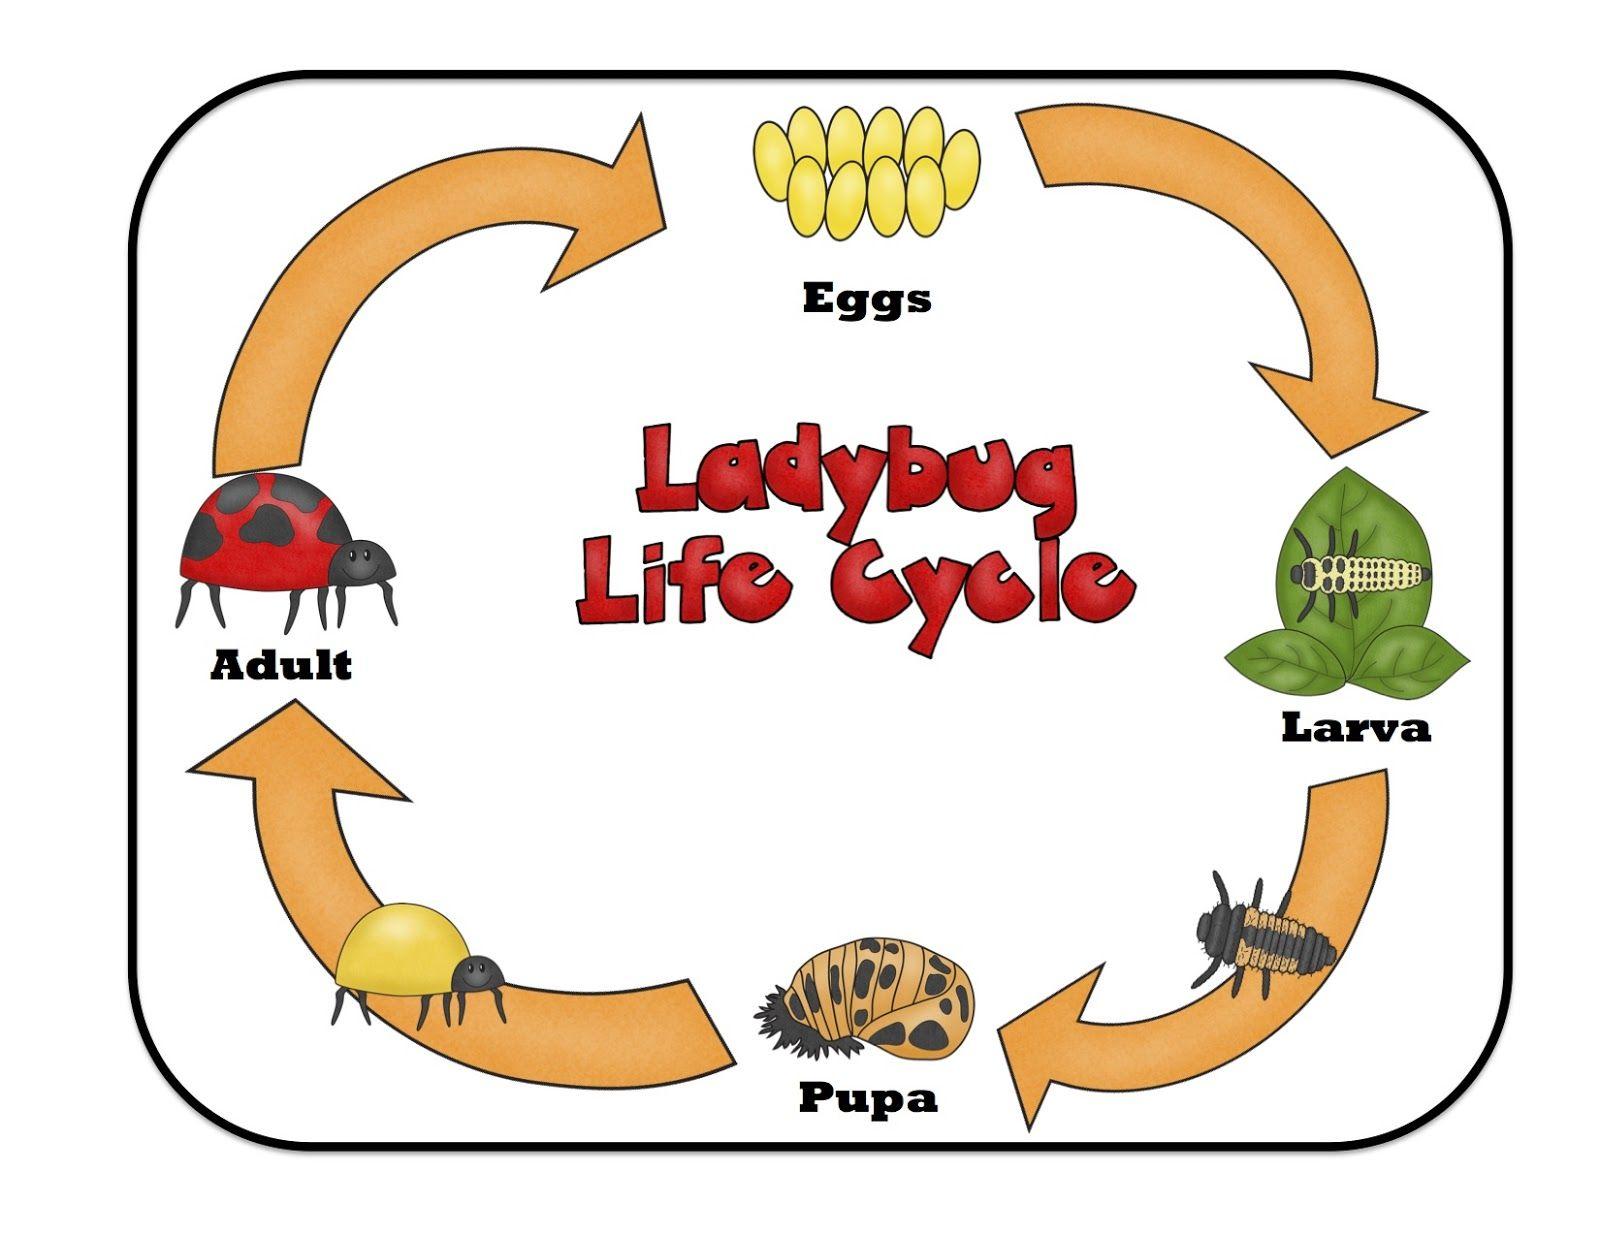 Ladybug Lifecycle With Images